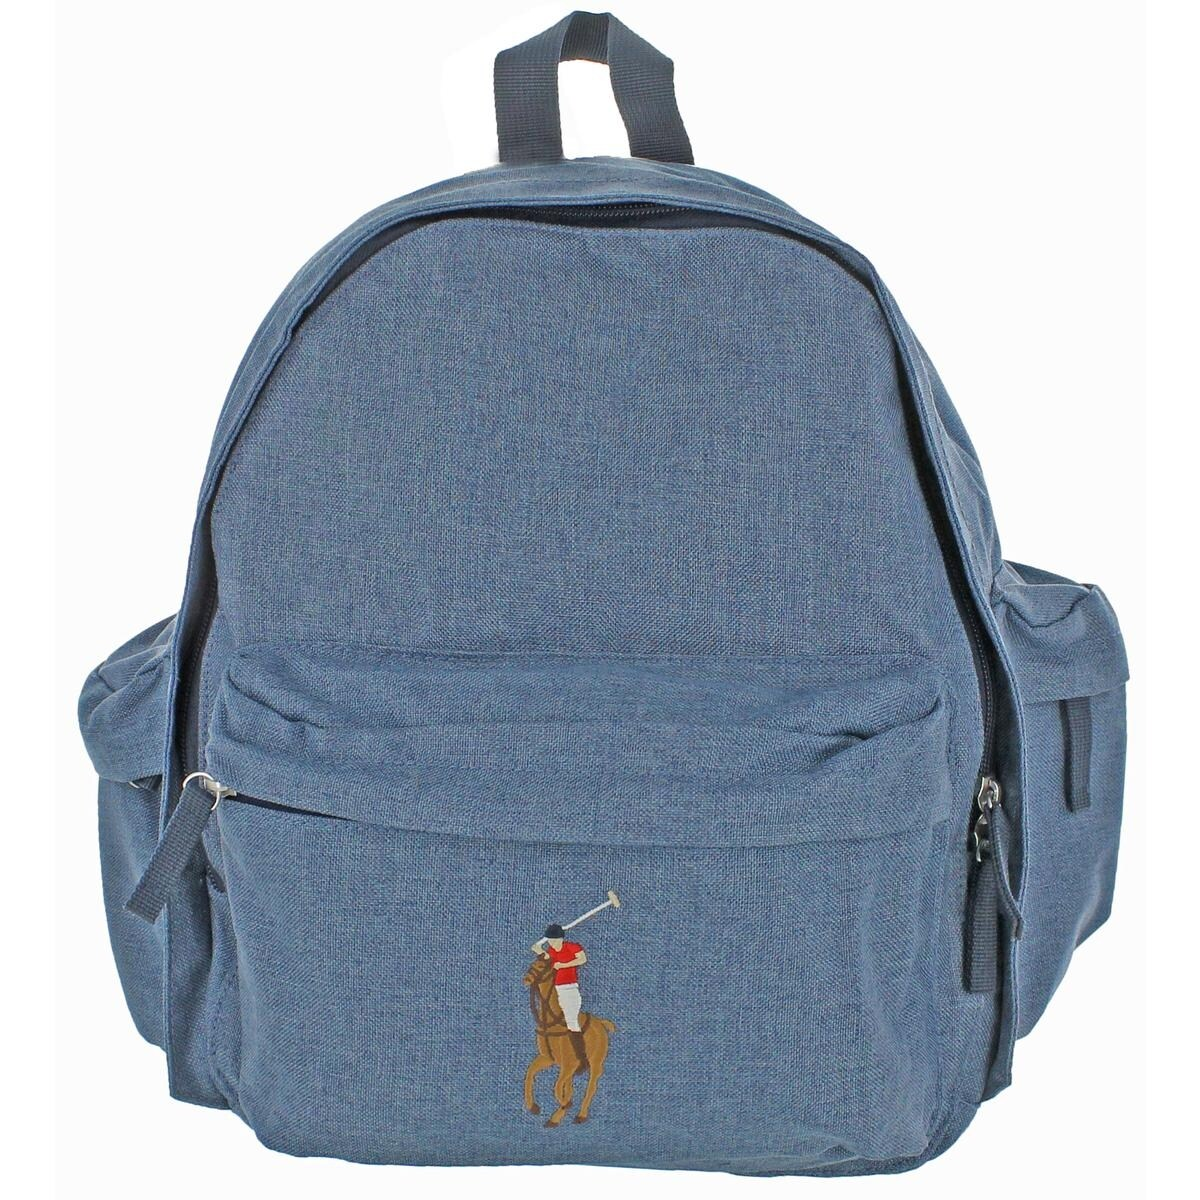 0fc3e484a74fb Polo Ralph Lauren Canvas Backpack- Fenix Toulouse Handball